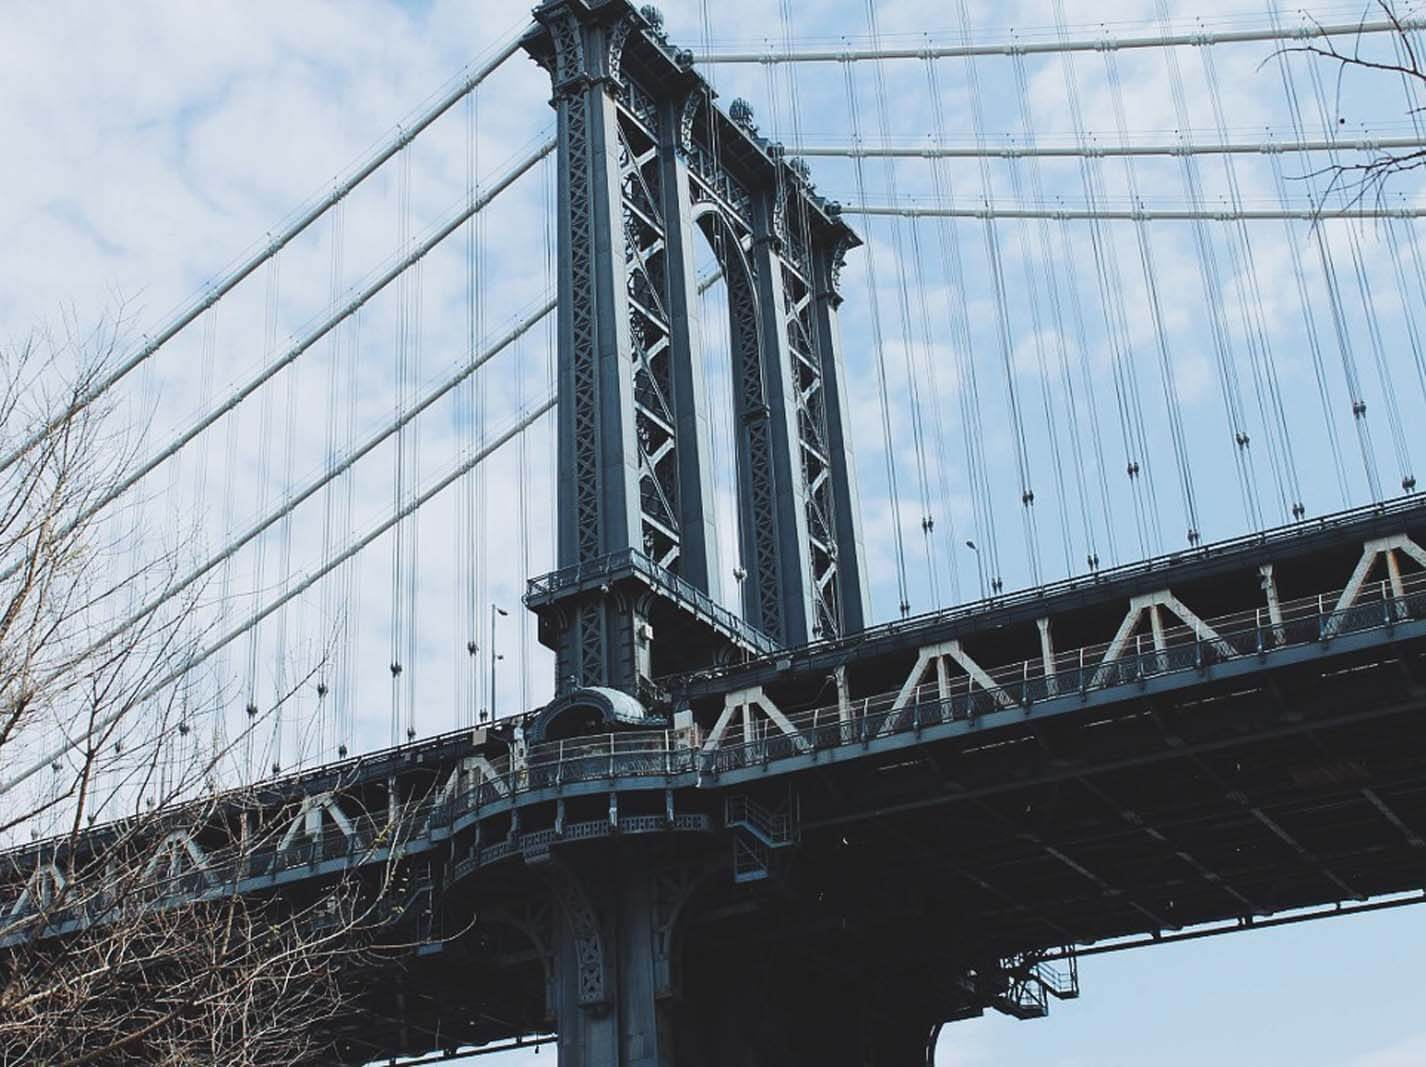 Manhattan Bridge by Katie Hinkle